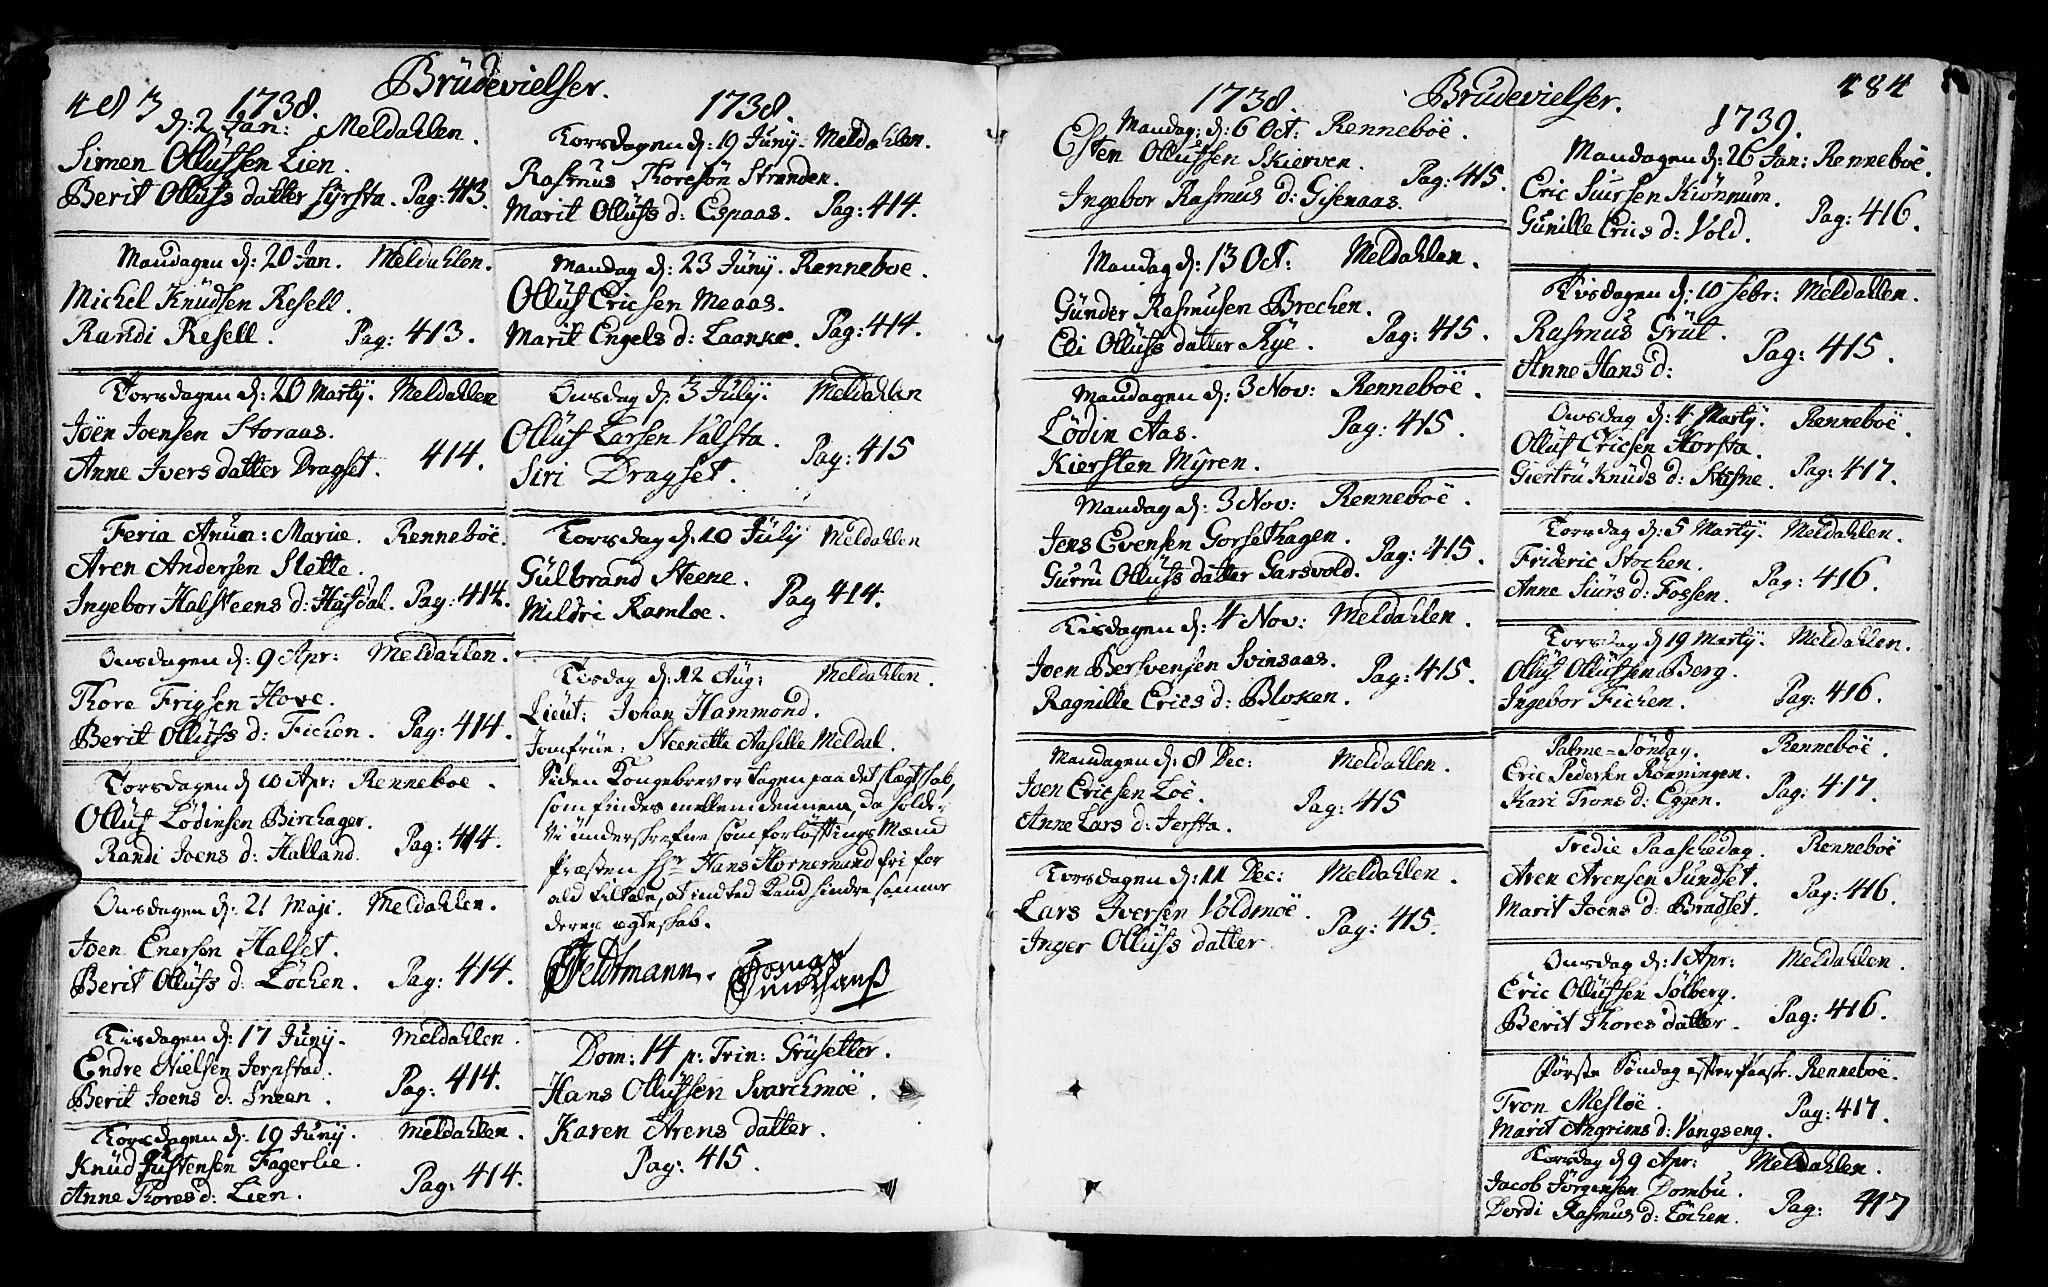 SAT, Ministerialprotokoller, klokkerbøker og fødselsregistre - Sør-Trøndelag, 672/L0850: Ministerialbok nr. 672A03, 1725-1751, s. 483-484